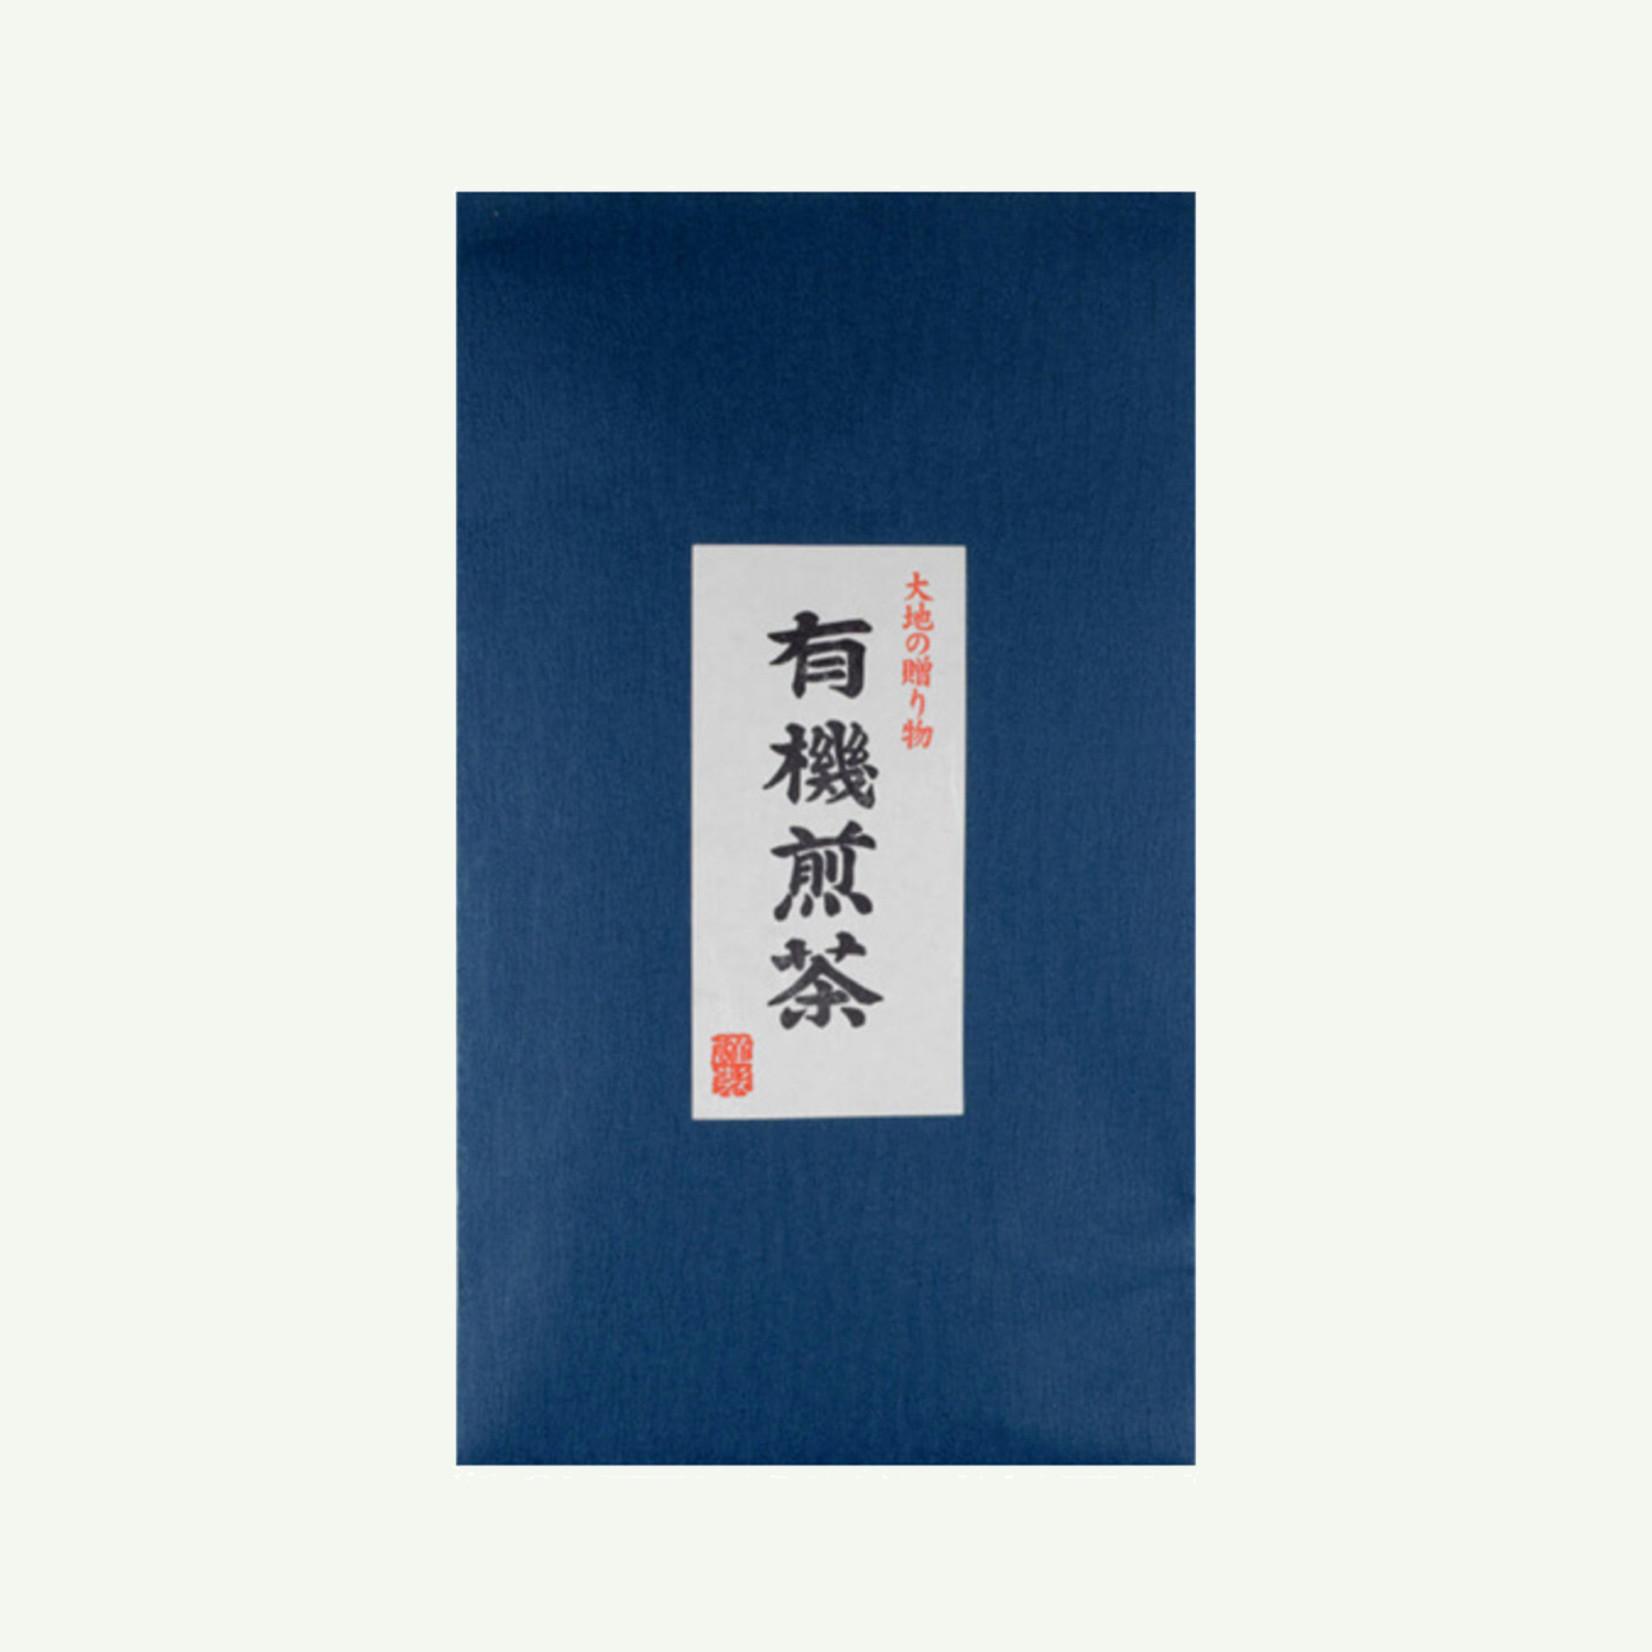 Koffiebranderij Sao Paulo Japan Sencha Kirishima BIO 50g - Losse thee